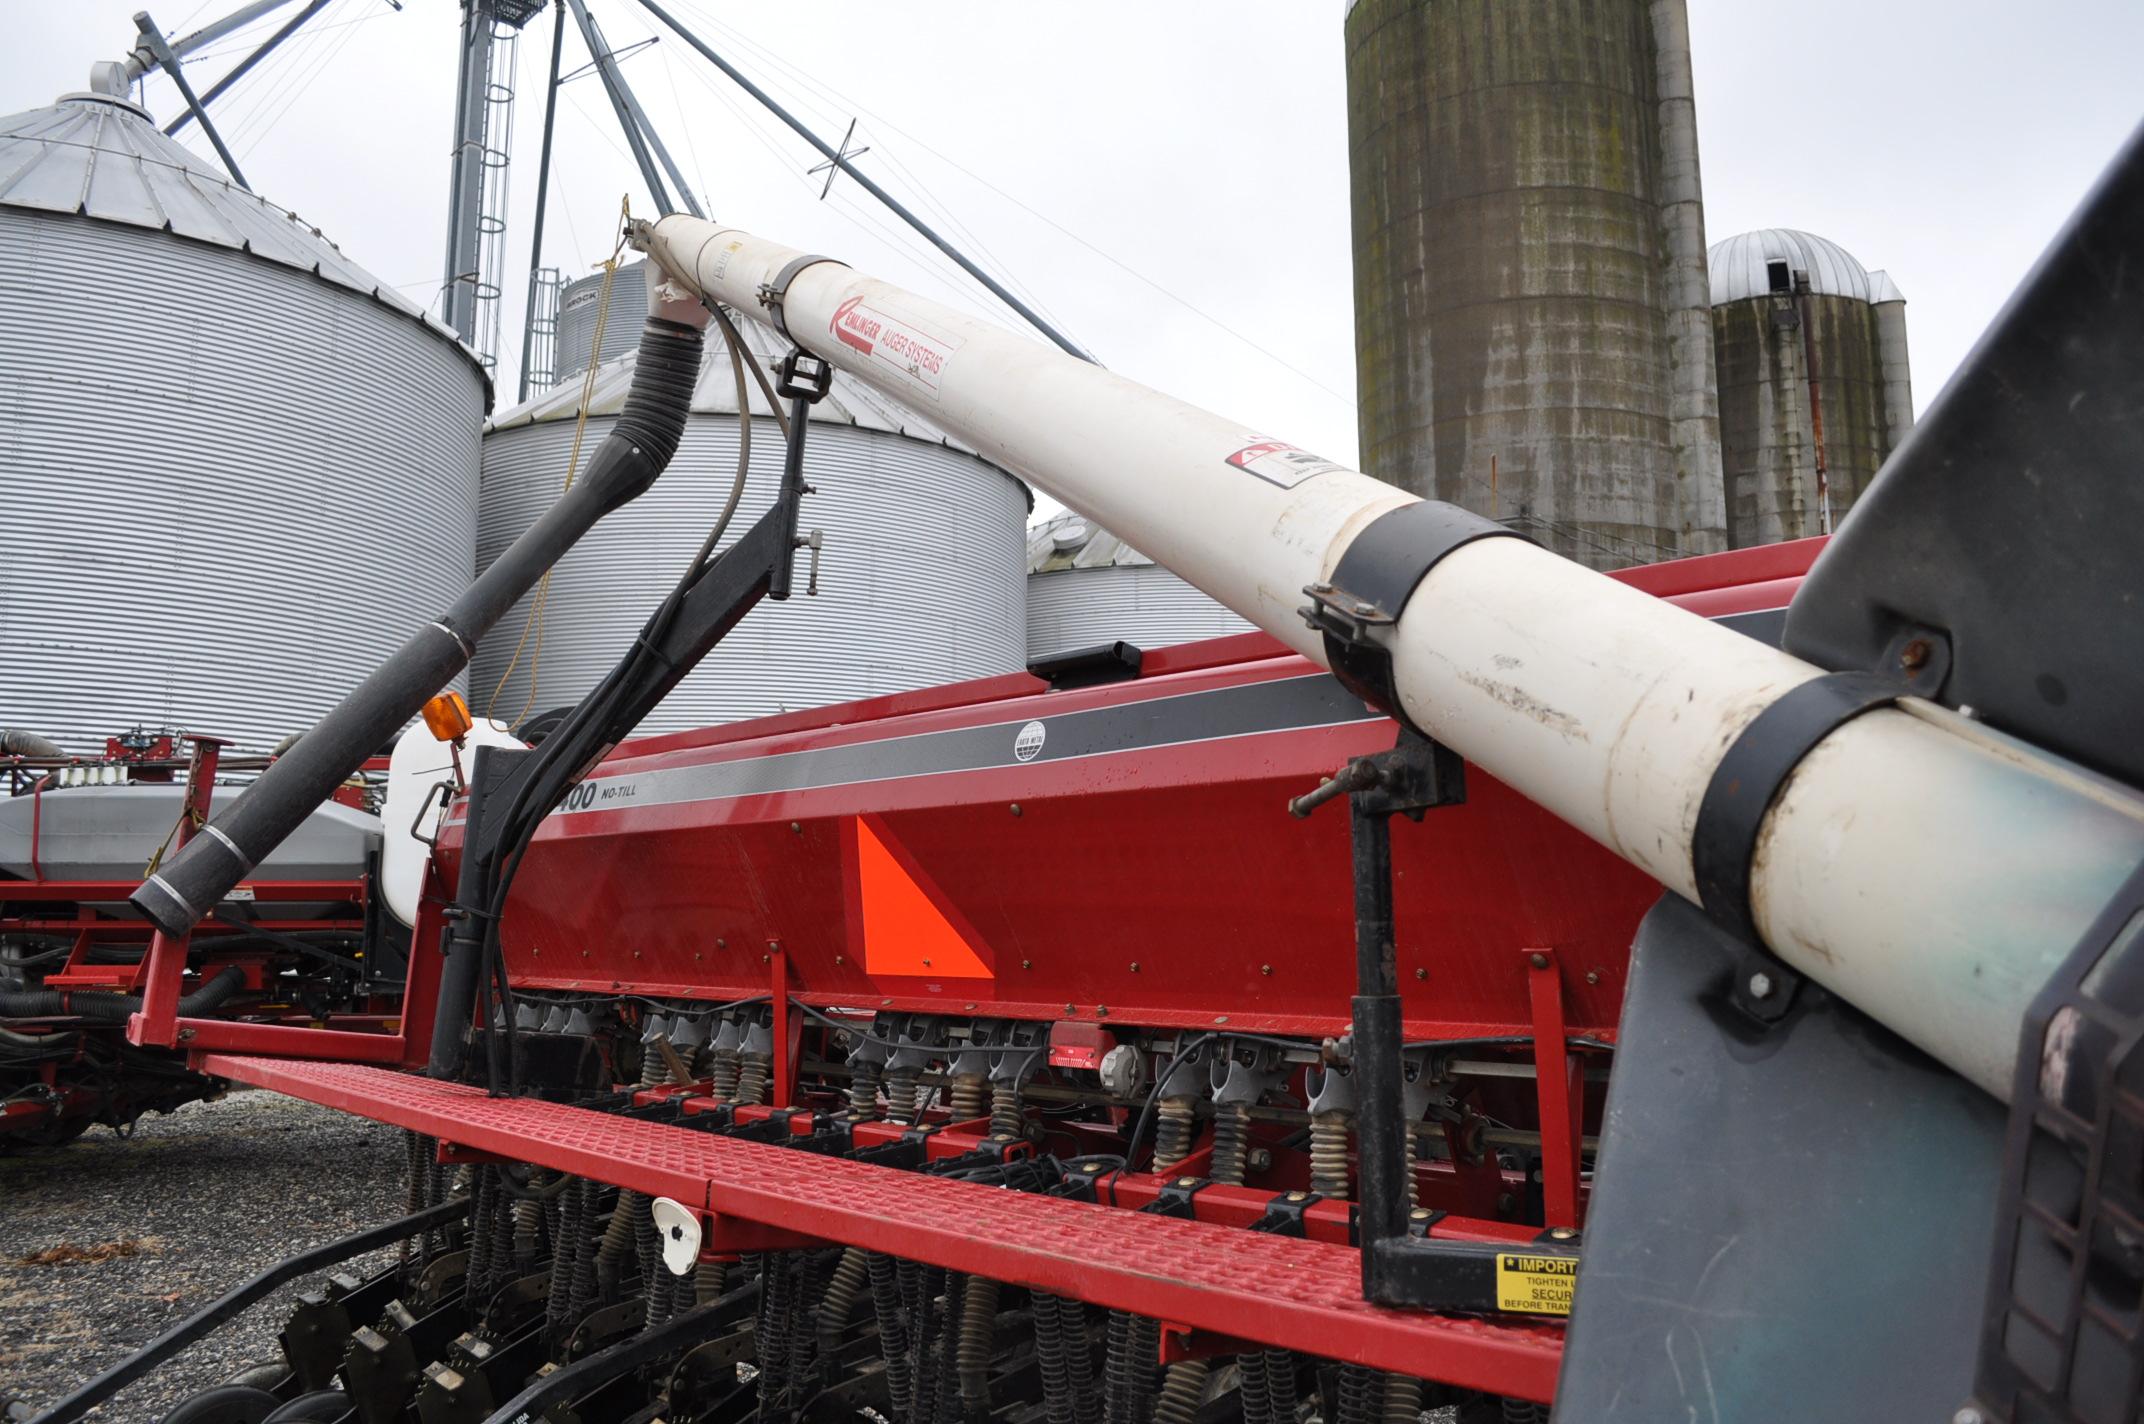 """Case IH 5400 grain drill, 3pt no-till caddie cart, 7 ½"""" spacing, 2 bar coil tine drag, Remlinger - Image 11 of 13"""